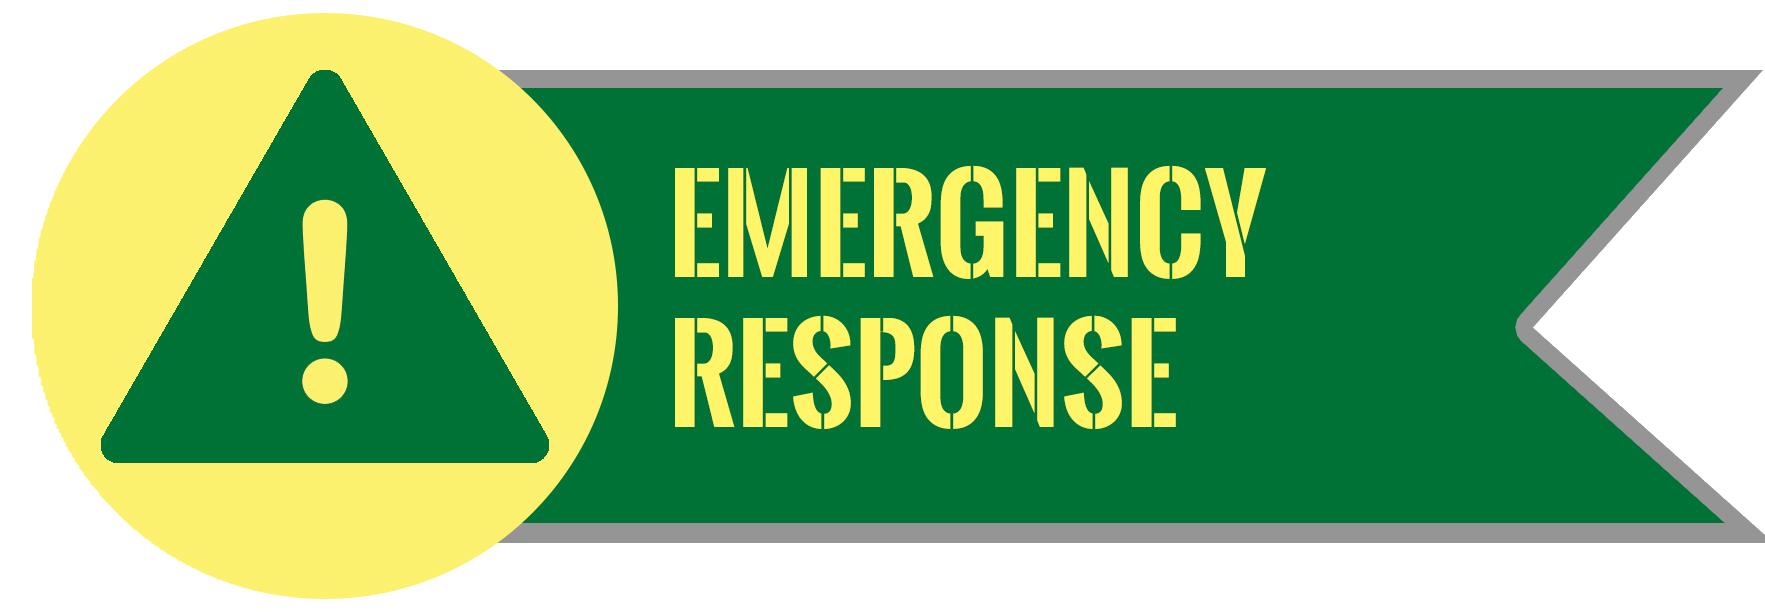 emergencyresponse2-768x266